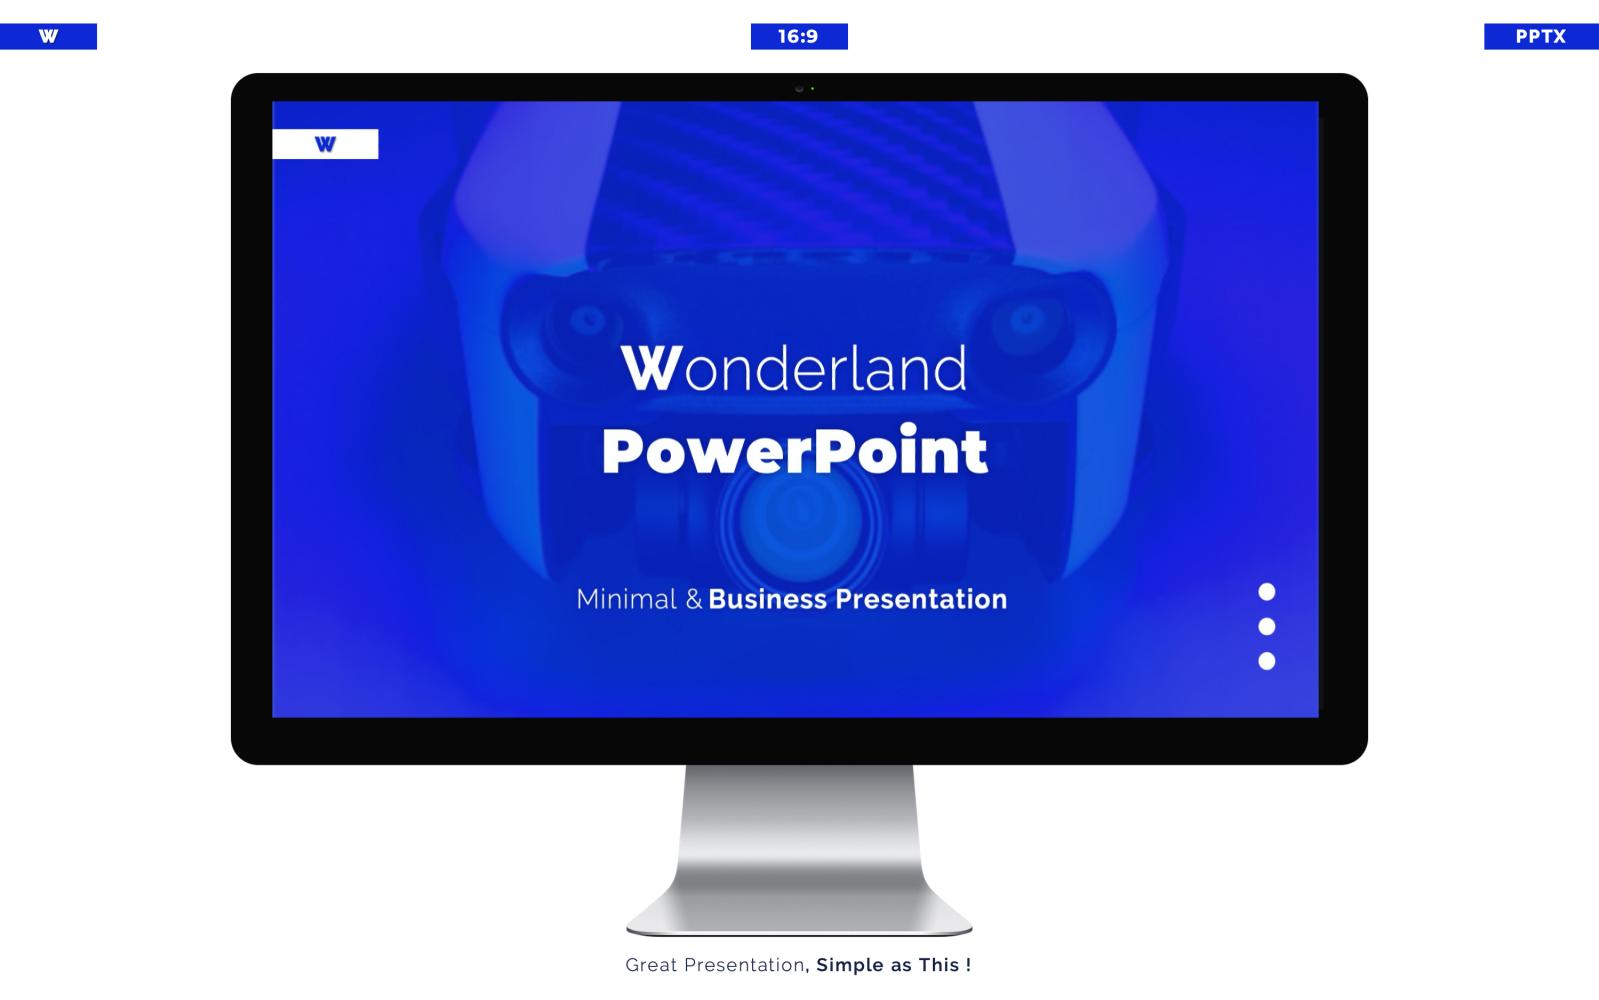 WONDERLAND PowerPoint Template